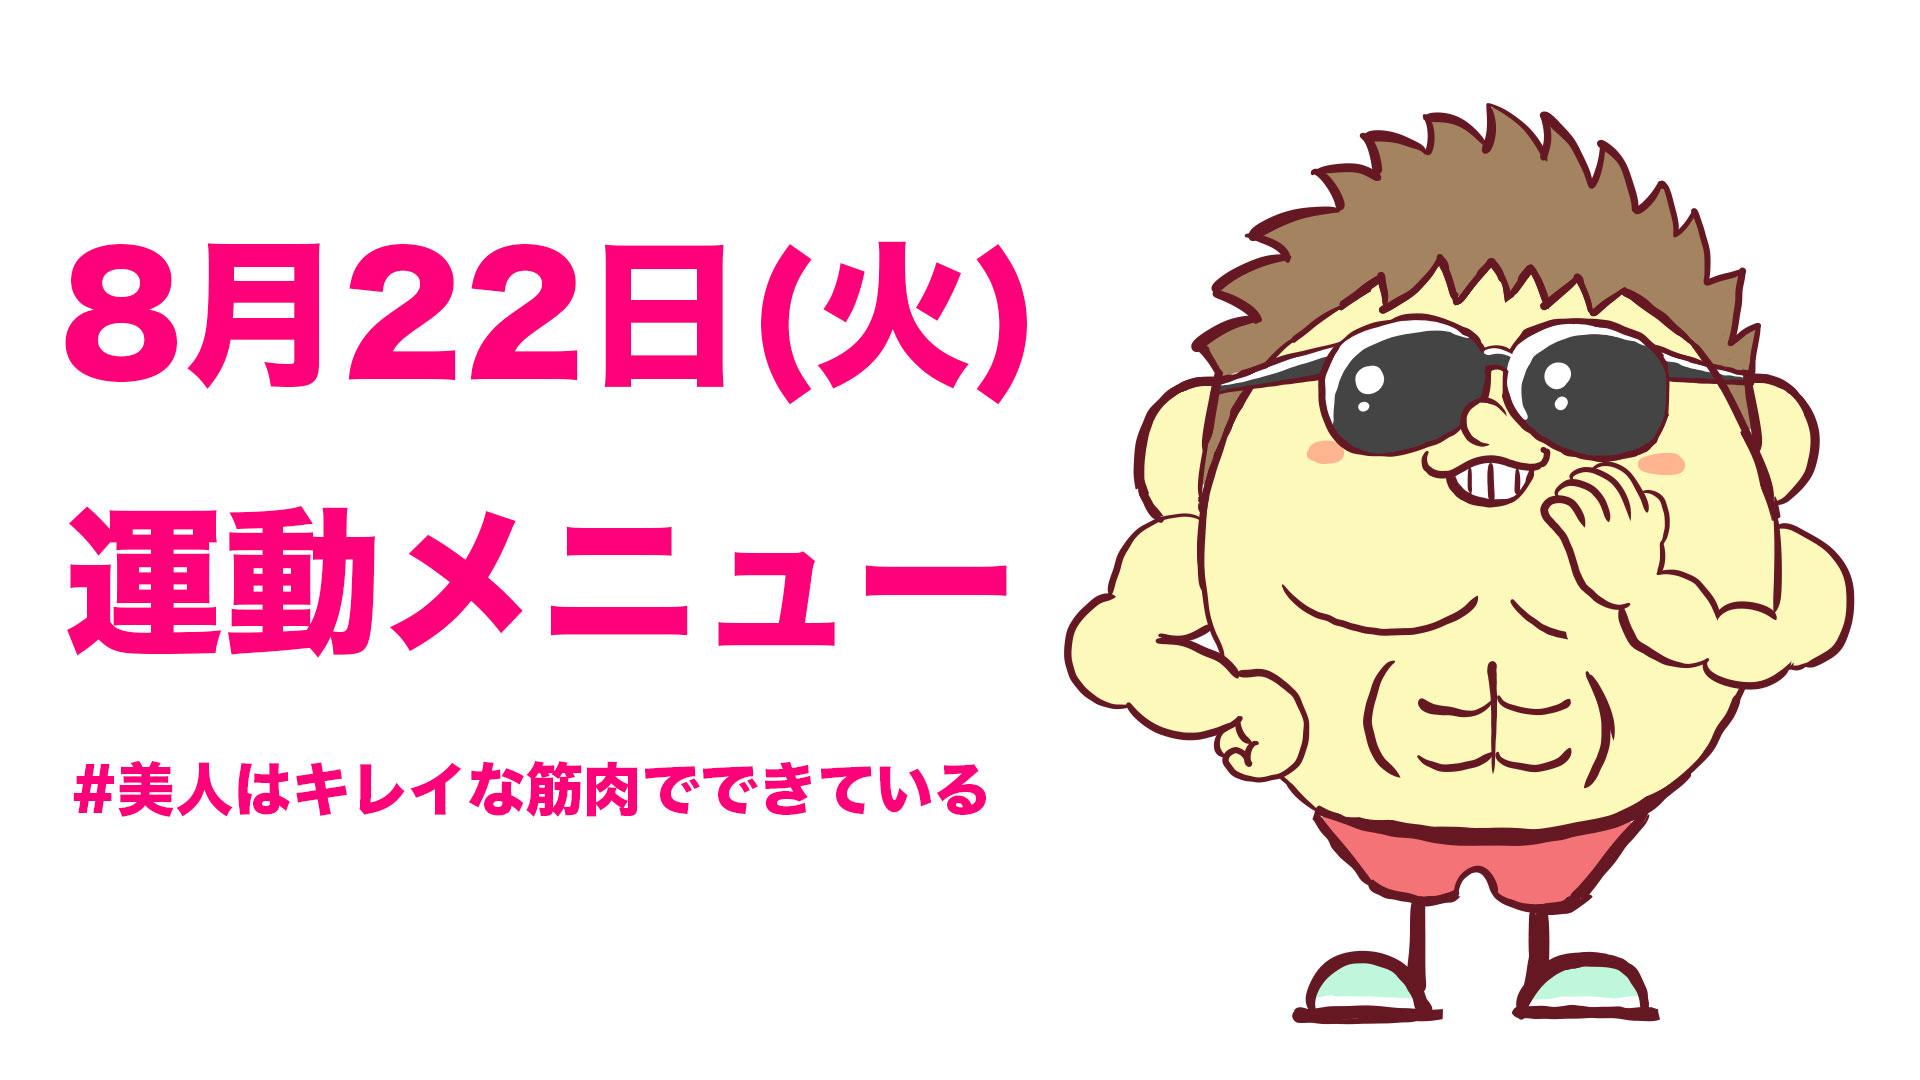 8/22の運動メニュー!